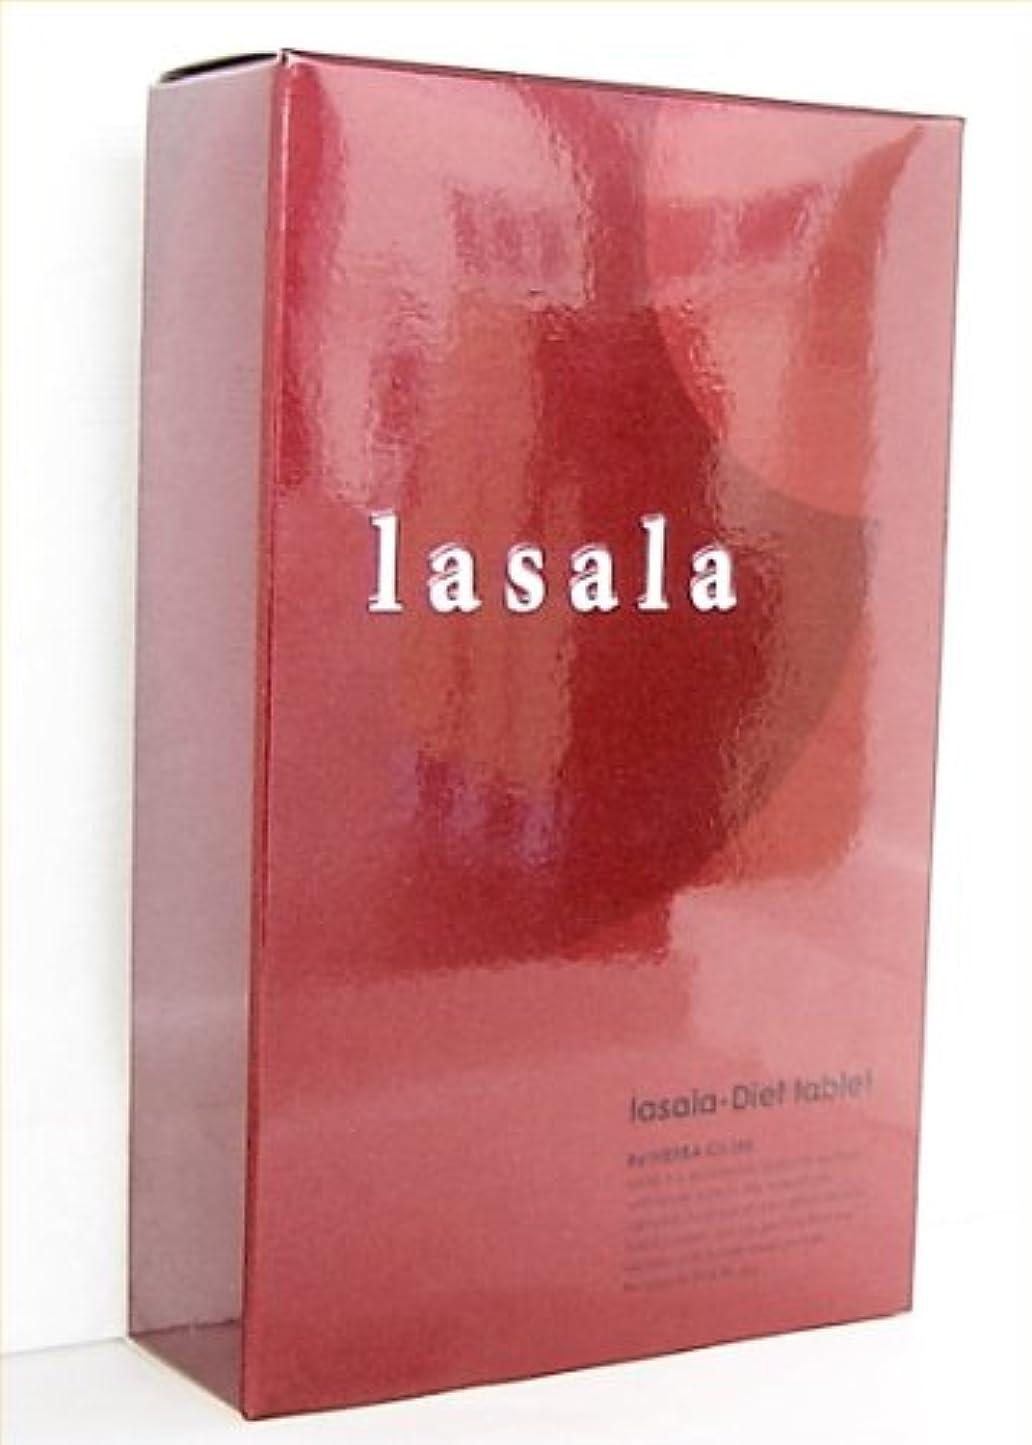 ラサラダイエットタブレット 48g(180ツブイリ)